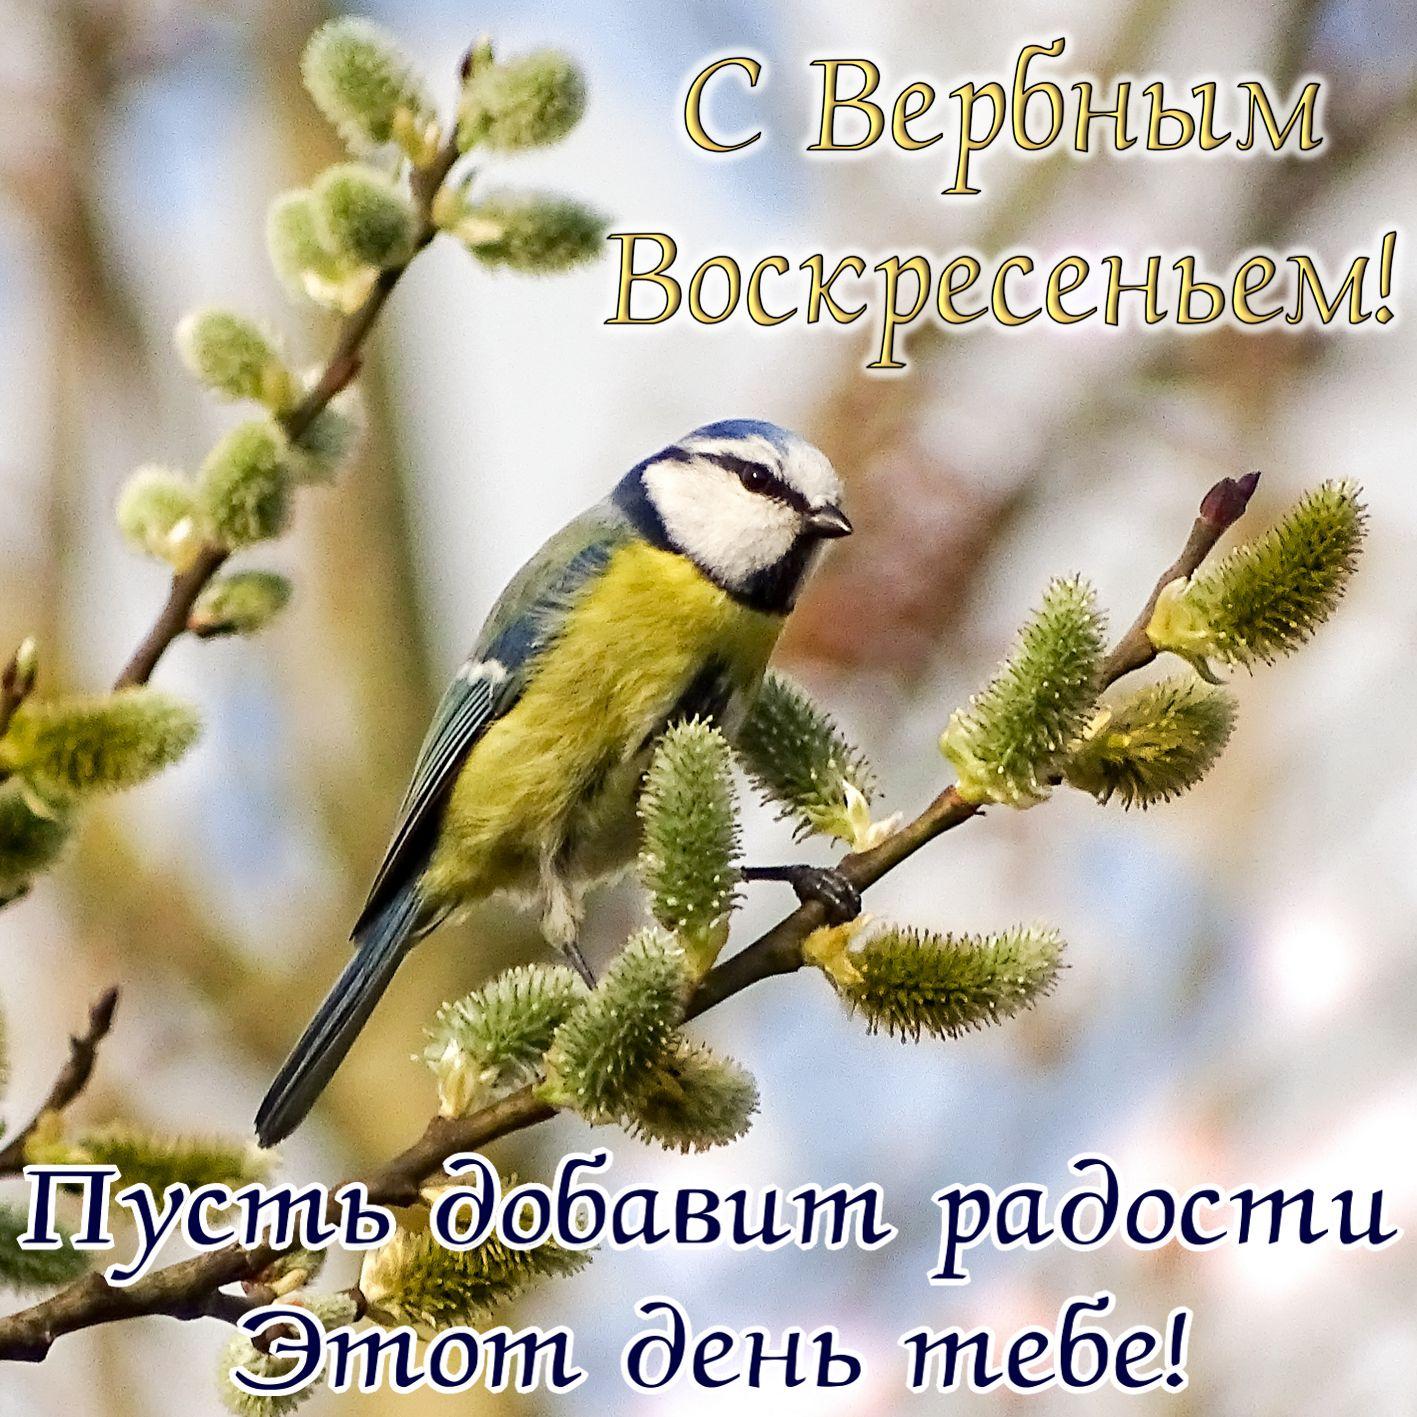 Открытка с птичкой на вербе и пожеланием